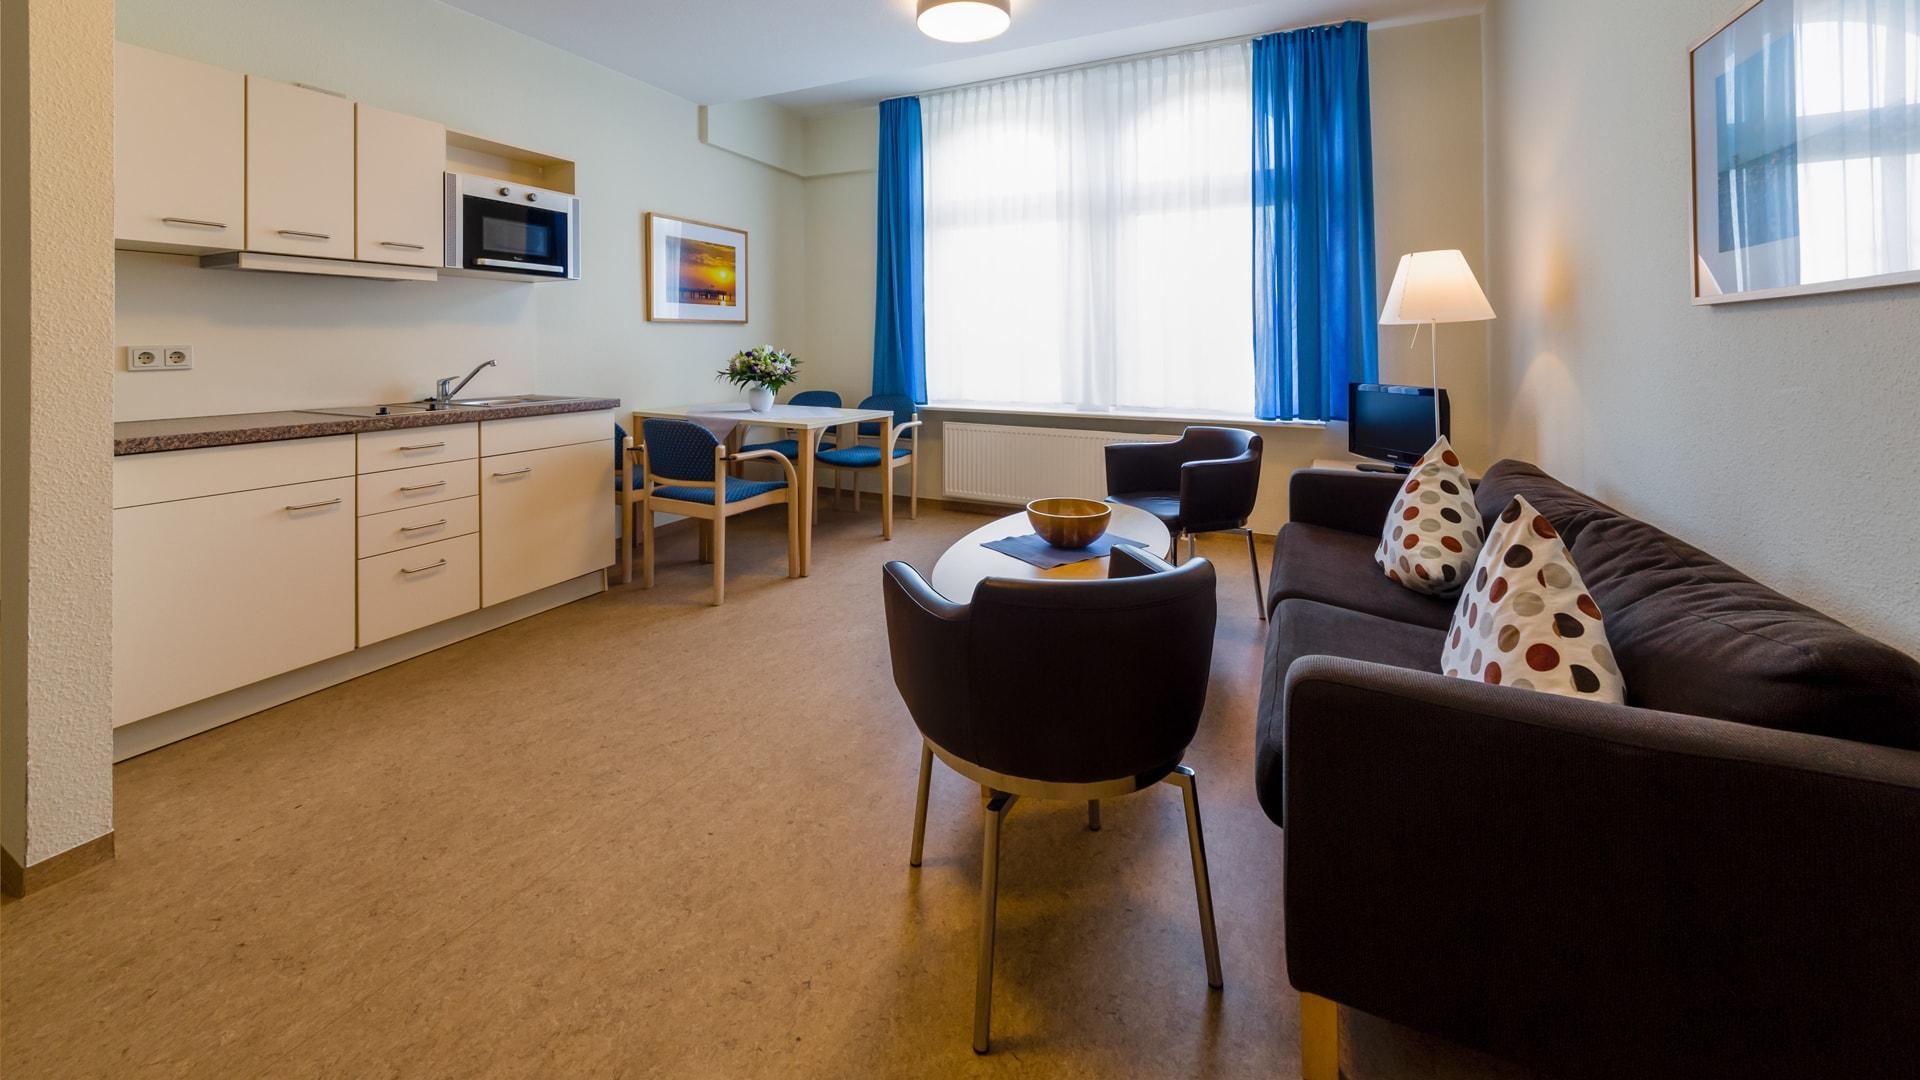 34 Michels_Hotels_Haus_Wilhelm_Augusta_2Raum_Ferienwohnung_Wohnbereich_und_offene_Kueche